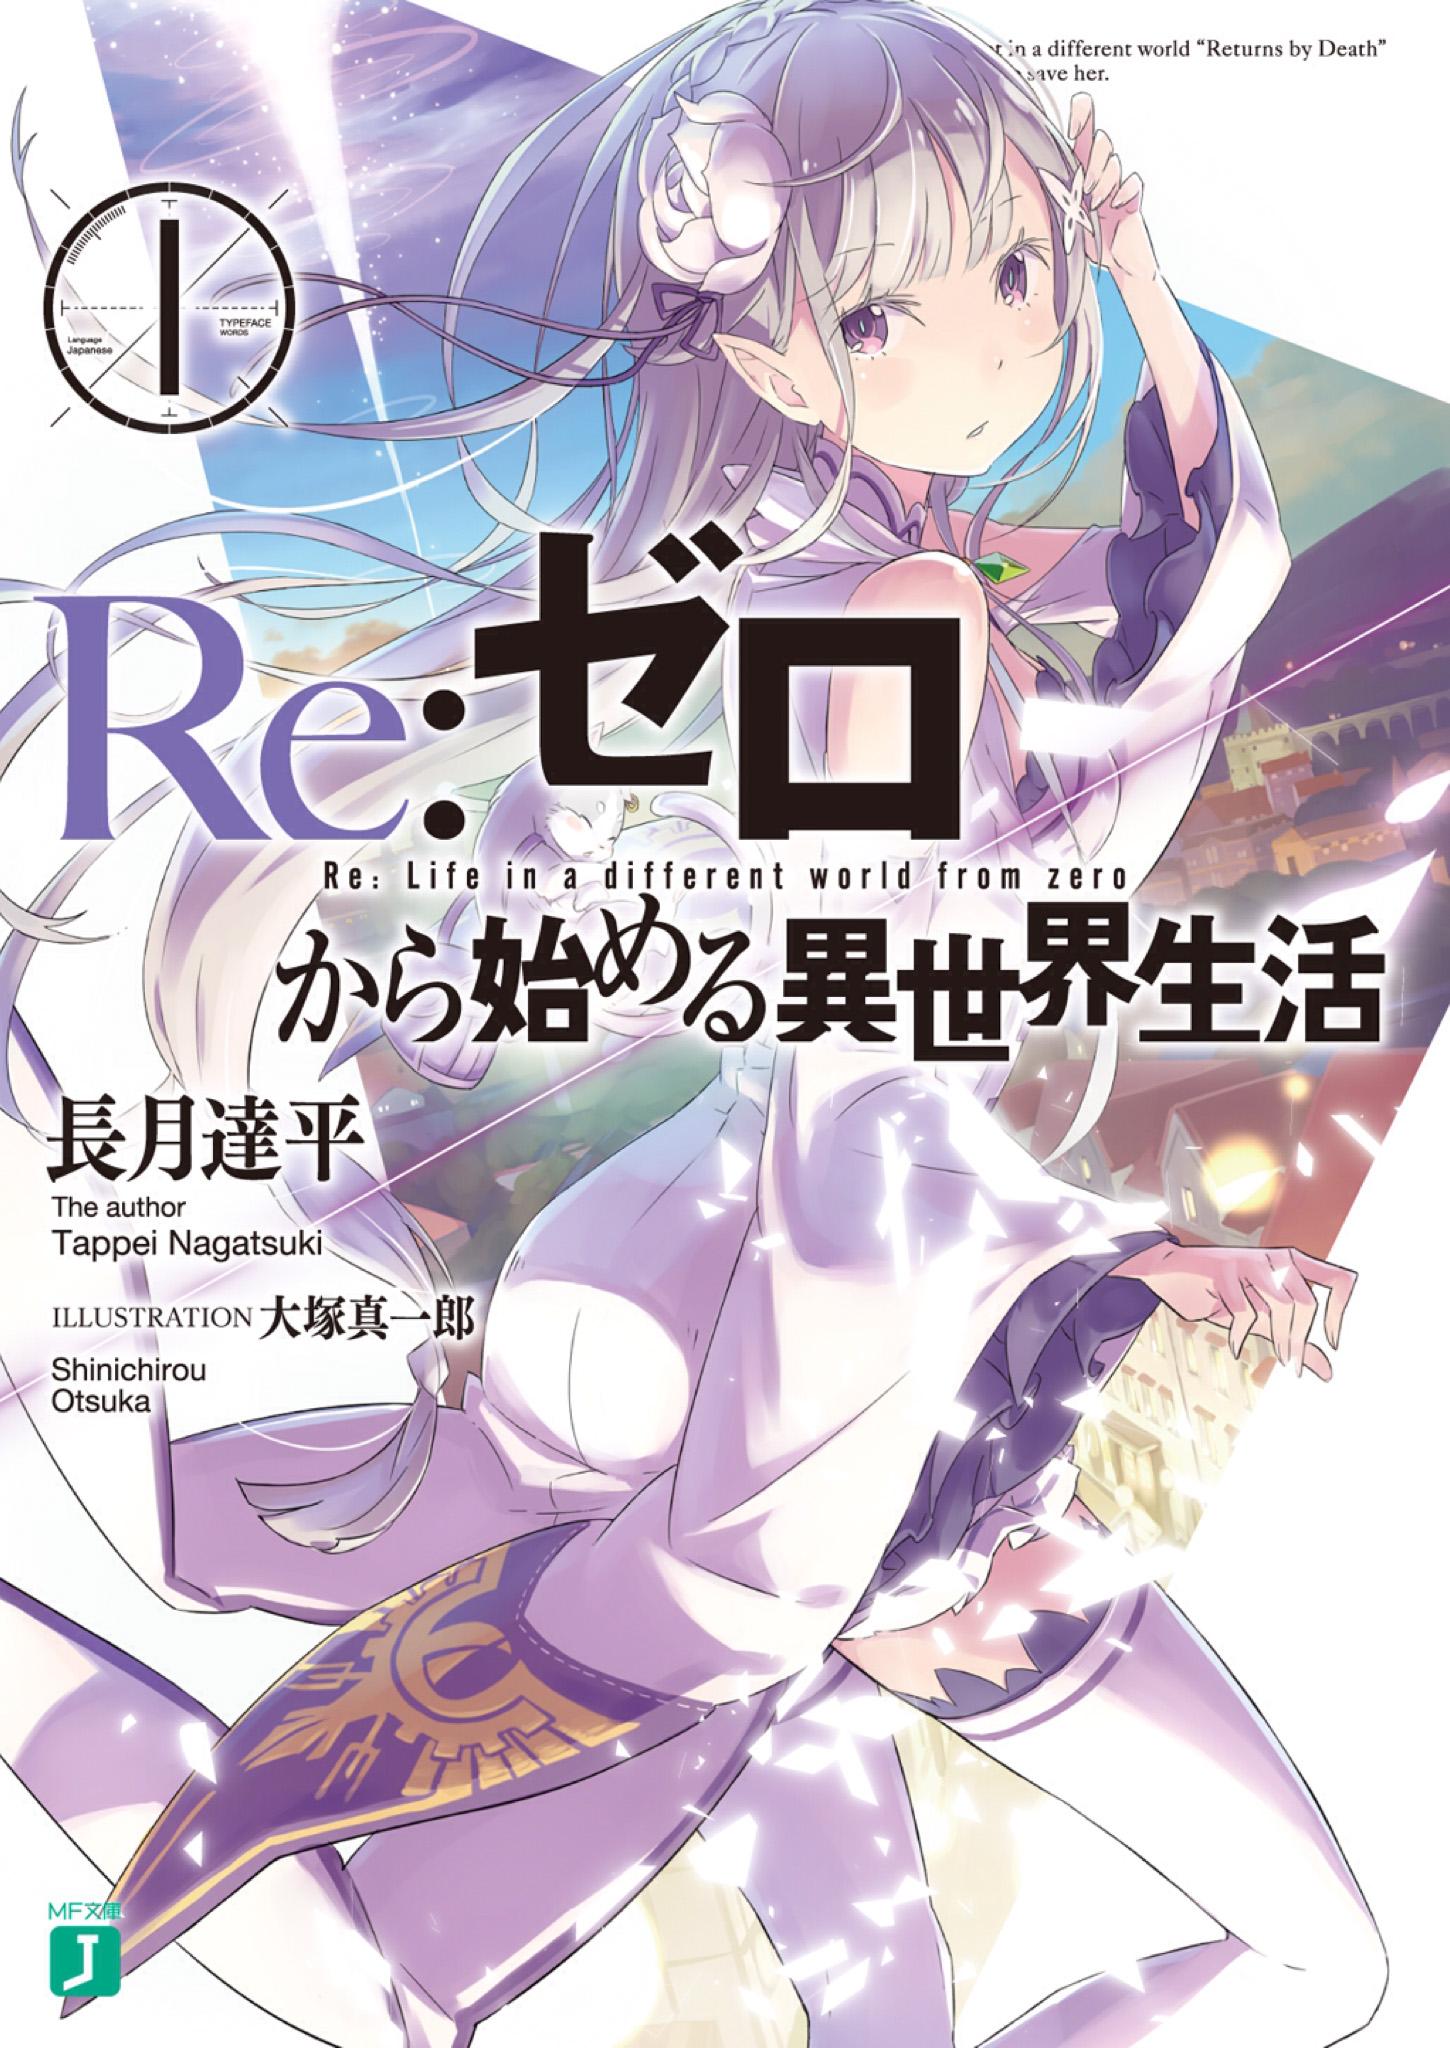 Re:Zero kara Hajimaru Isekai Seikatsu